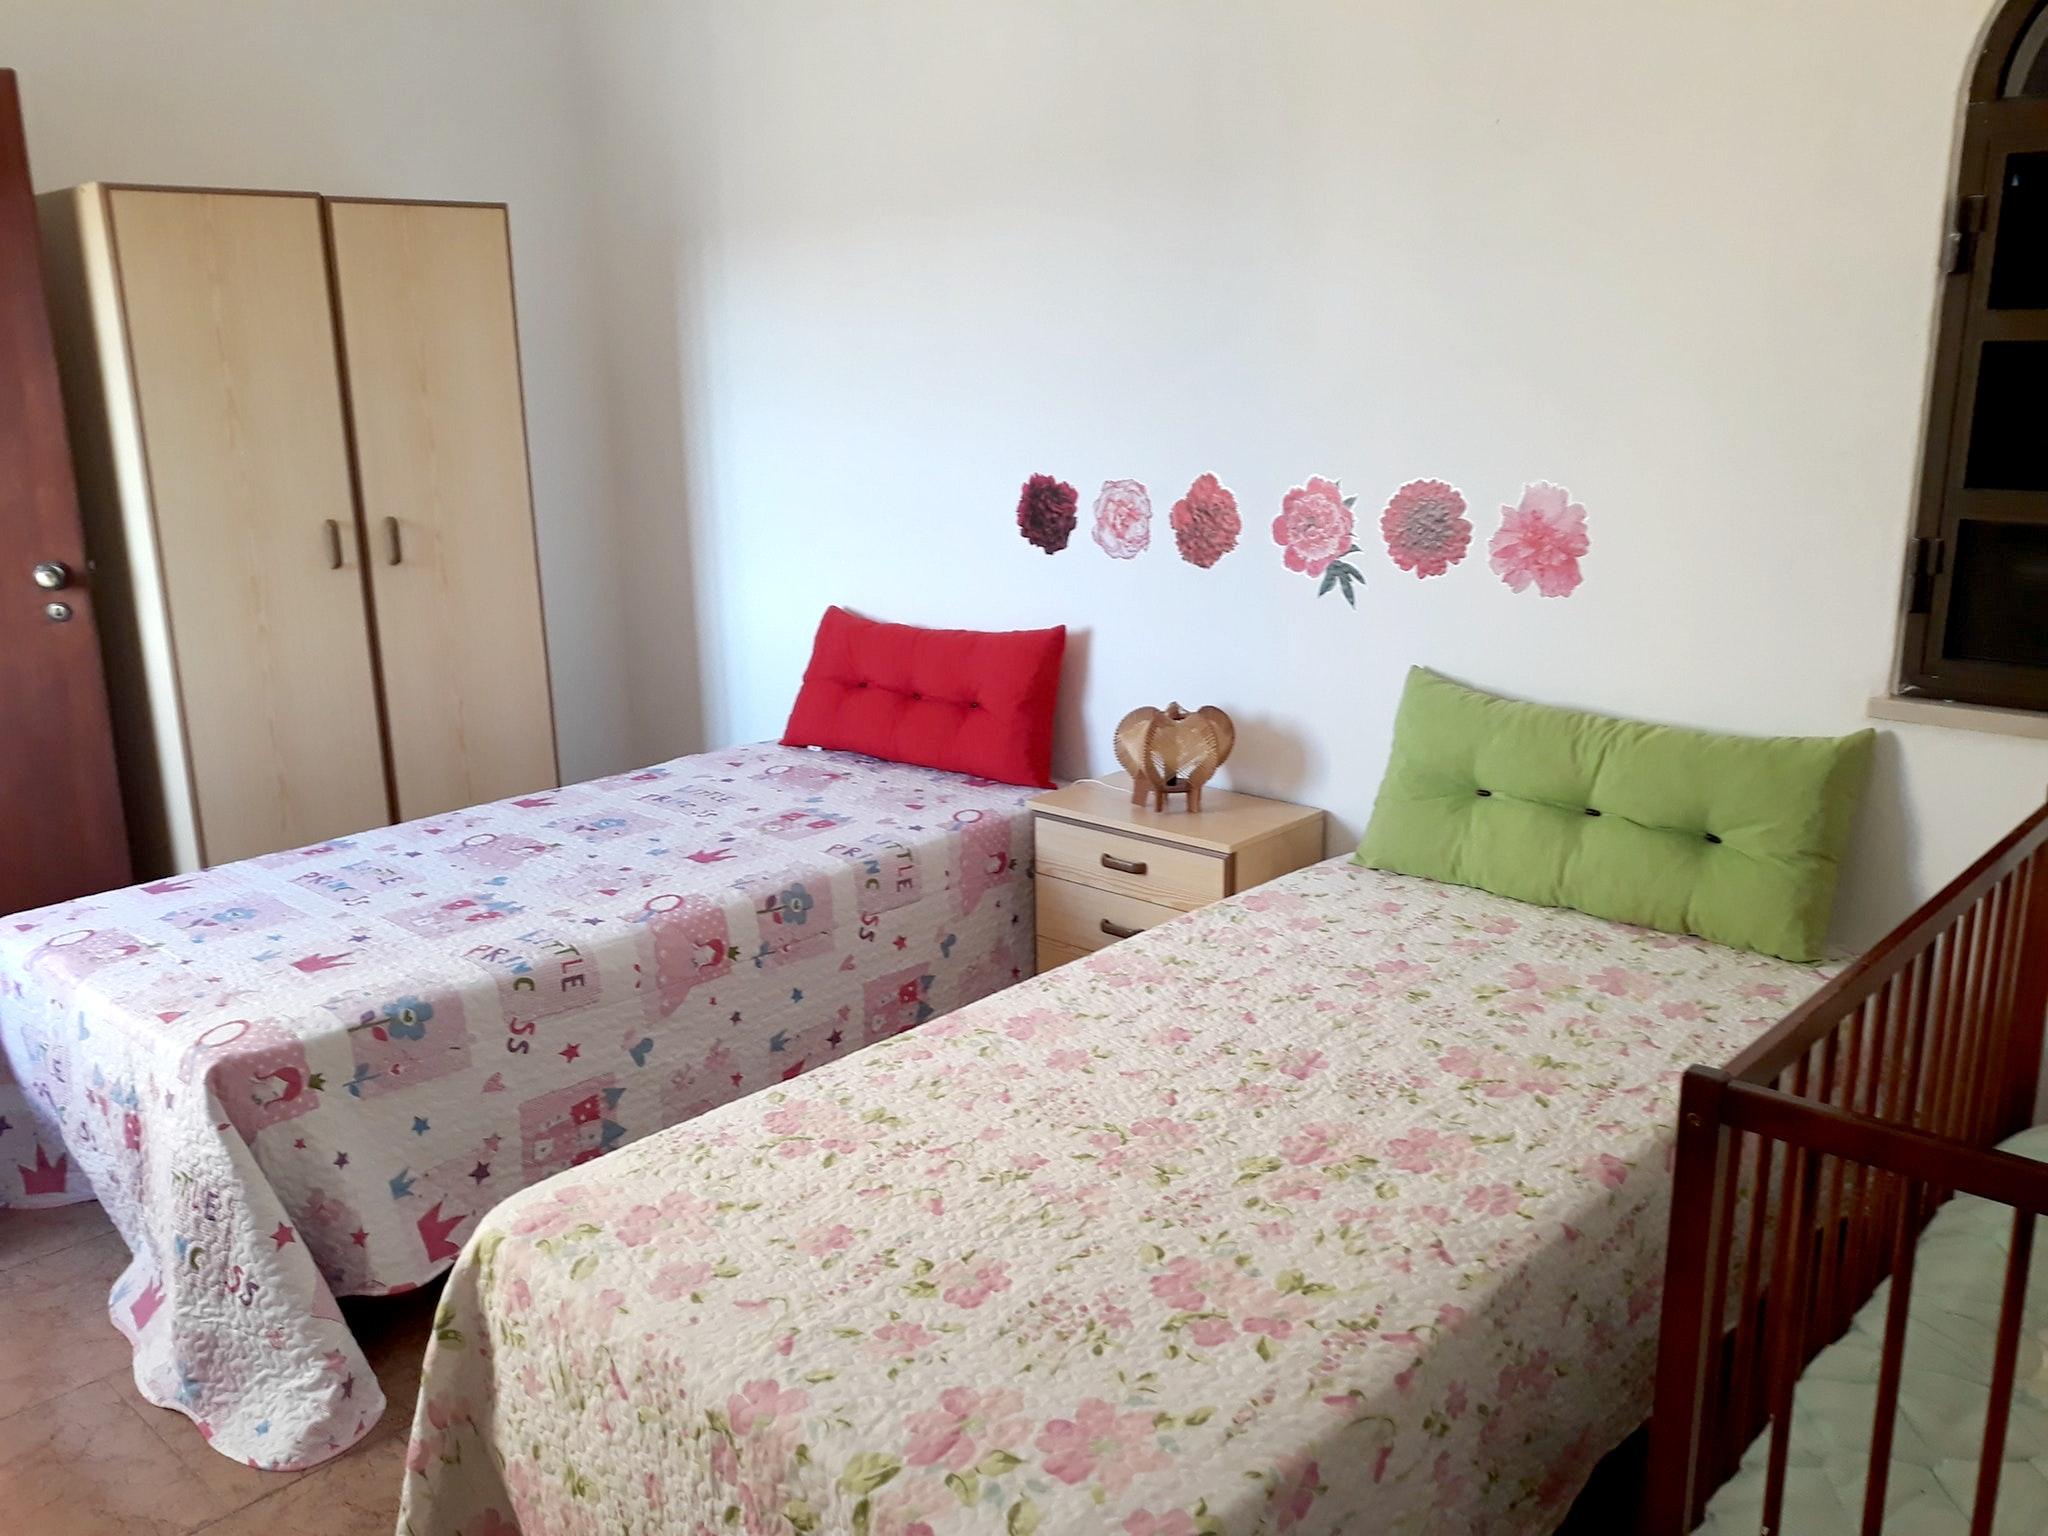 Ferienwohnung Wohnung mit 2 Schlafzimmern in Parchal mit Pool, Balkon und W-LAN - 1 km vom Strand entfer (2622202), Parchal, , Algarve, Portugal, Bild 12